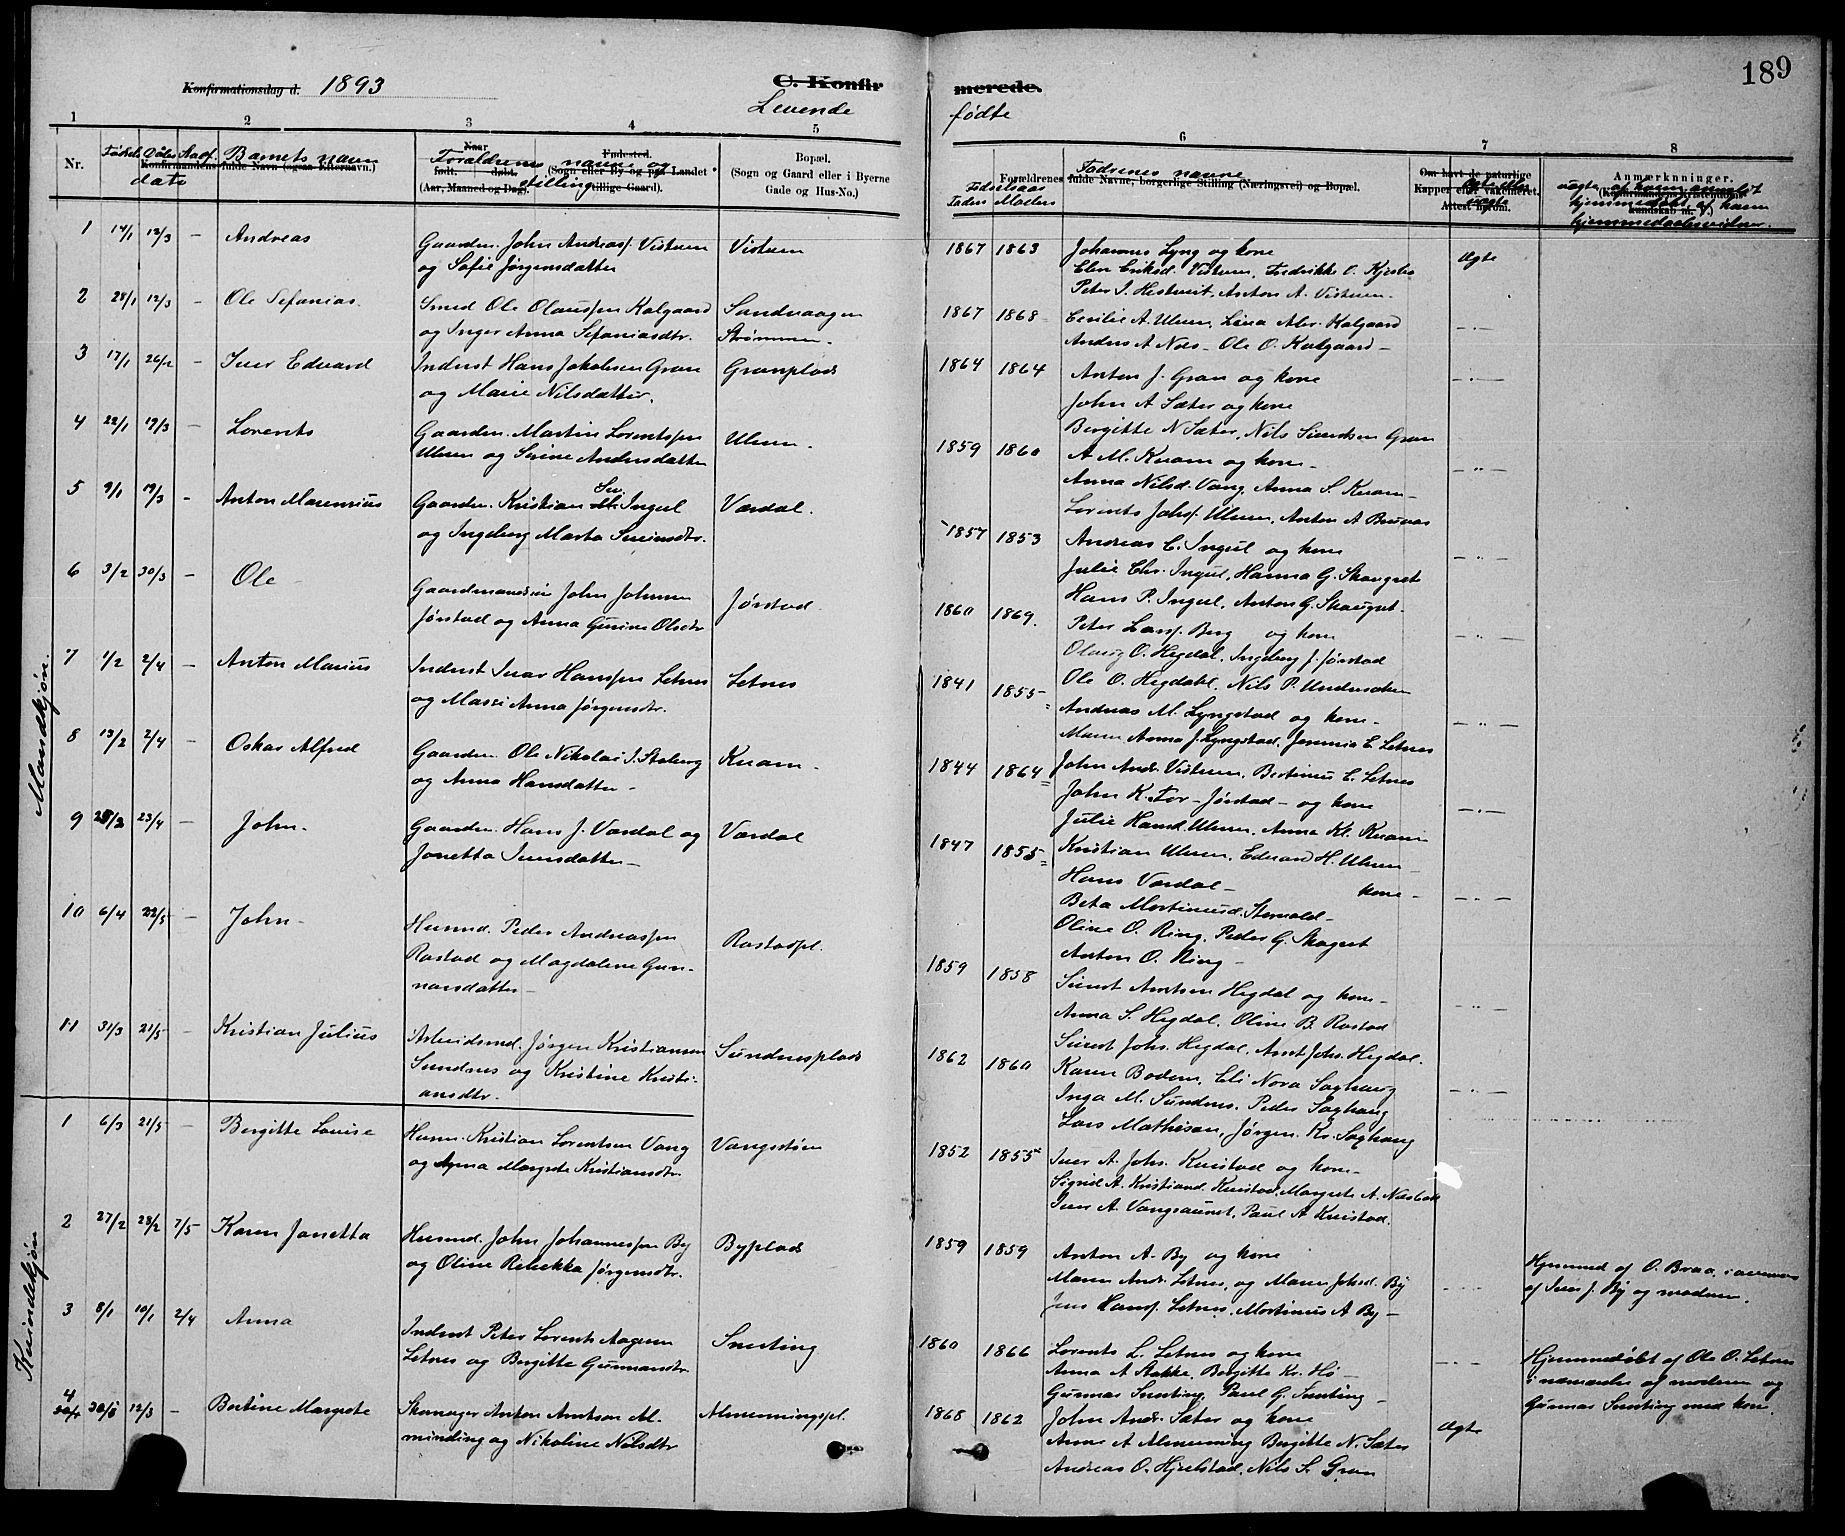 SAT, Ministerialprotokoller, klokkerbøker og fødselsregistre - Nord-Trøndelag, 730/L0301: Klokkerbok nr. 730C04, 1880-1897, s. 189